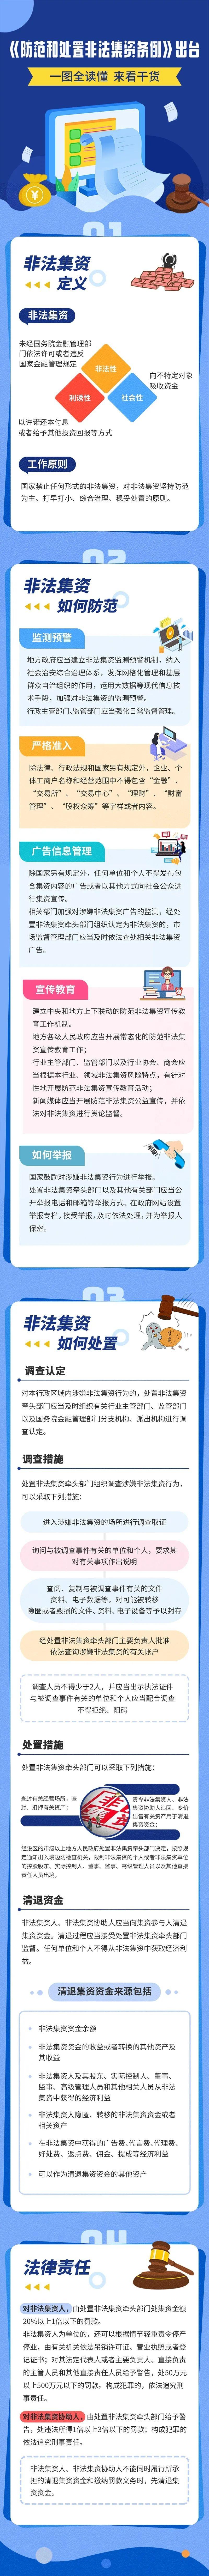 《防范和处置非法集资条例》5月1日正式施行!一图读懂